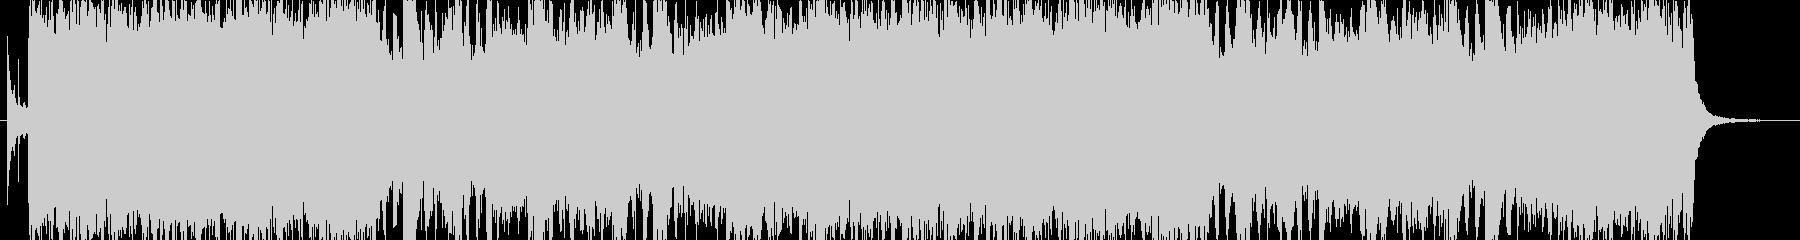 モダン 近代芸術 絵画 合奏劇伴 B25の未再生の波形